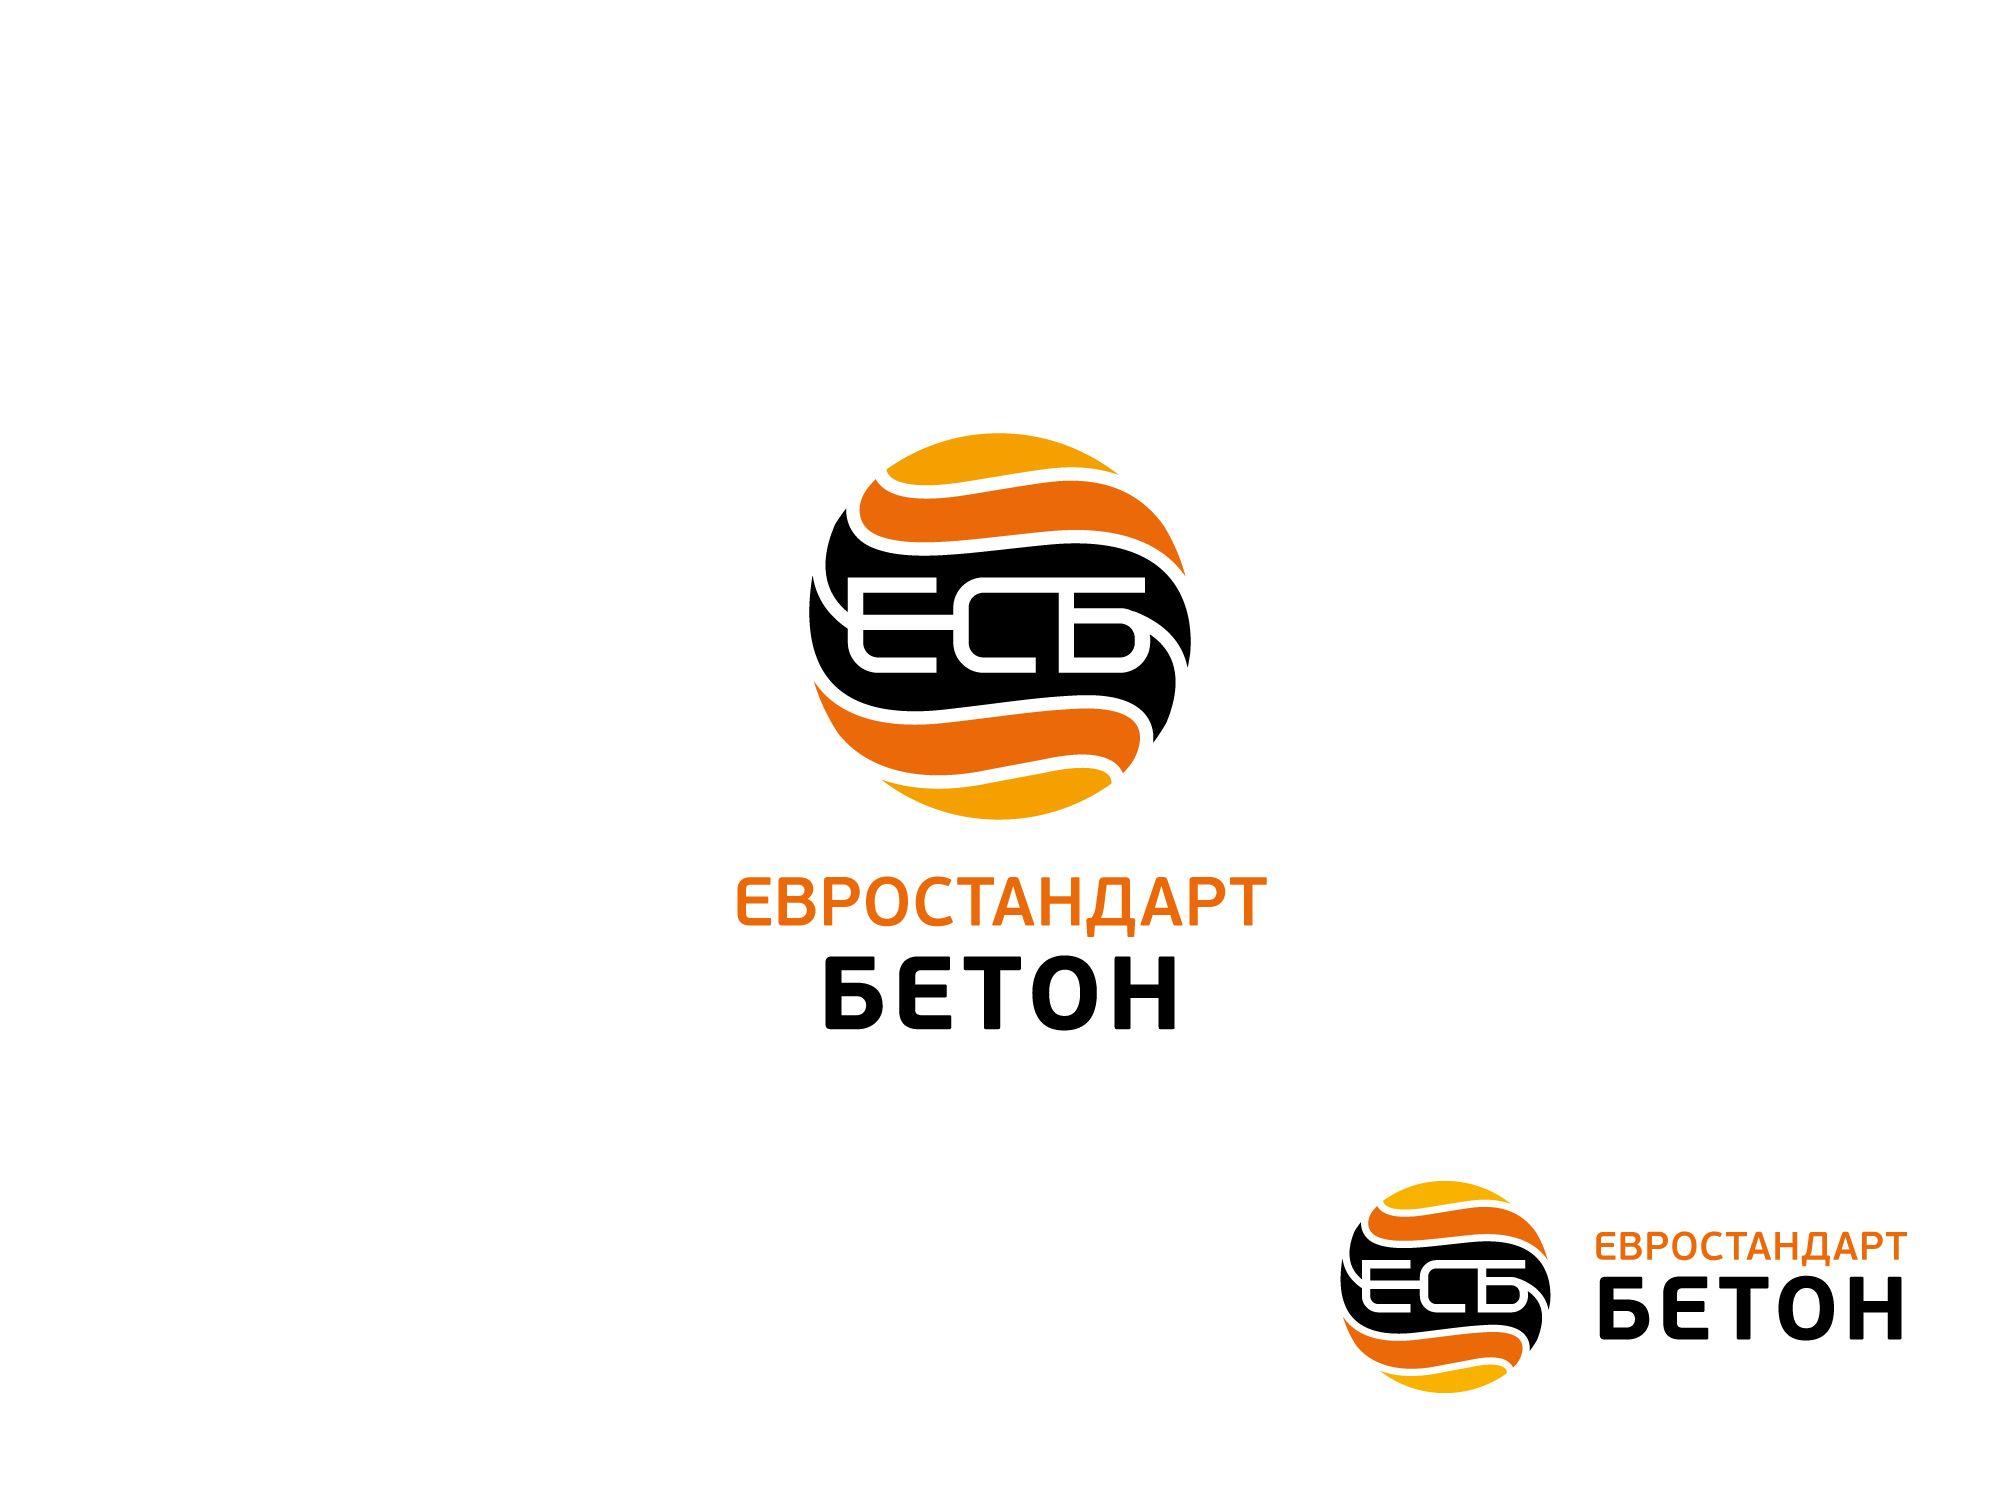 Логотип для ЕвроСтандарт Бетон - дизайнер shamaevserg